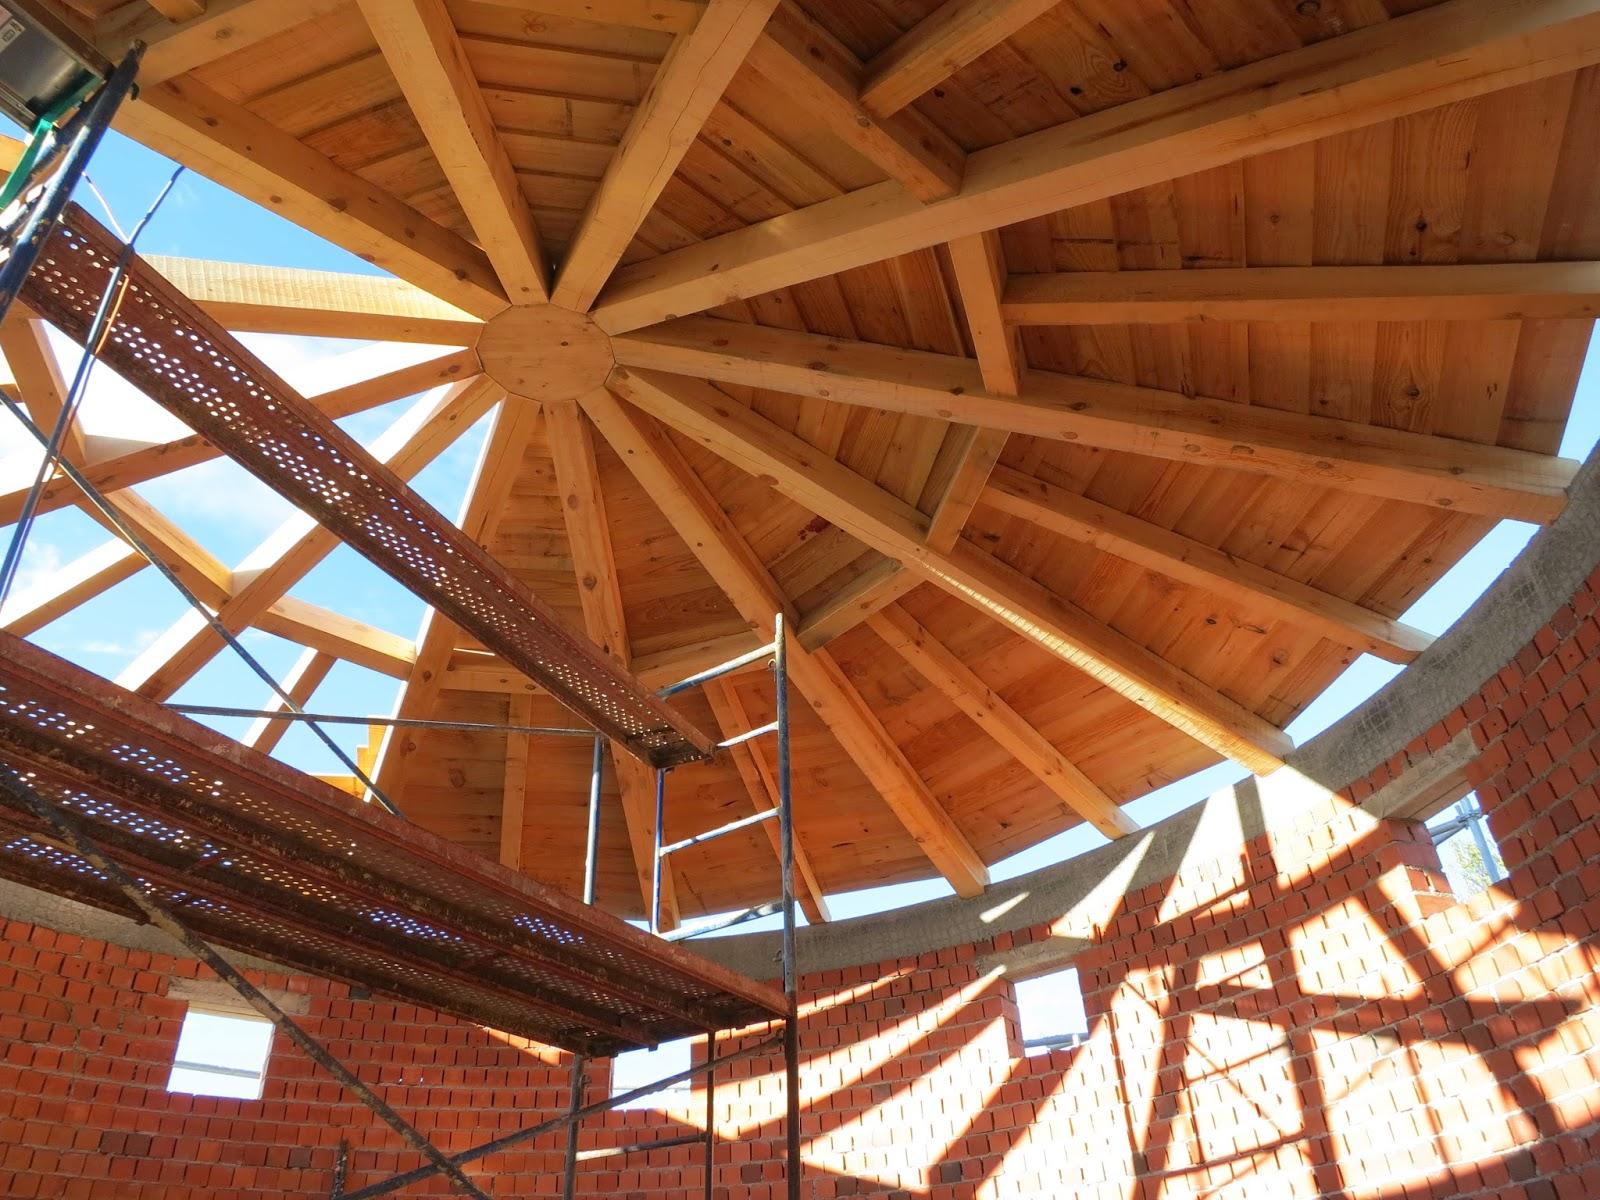 El talon sierte construcci n en segovia estructura de for Tejados de madera rusticos